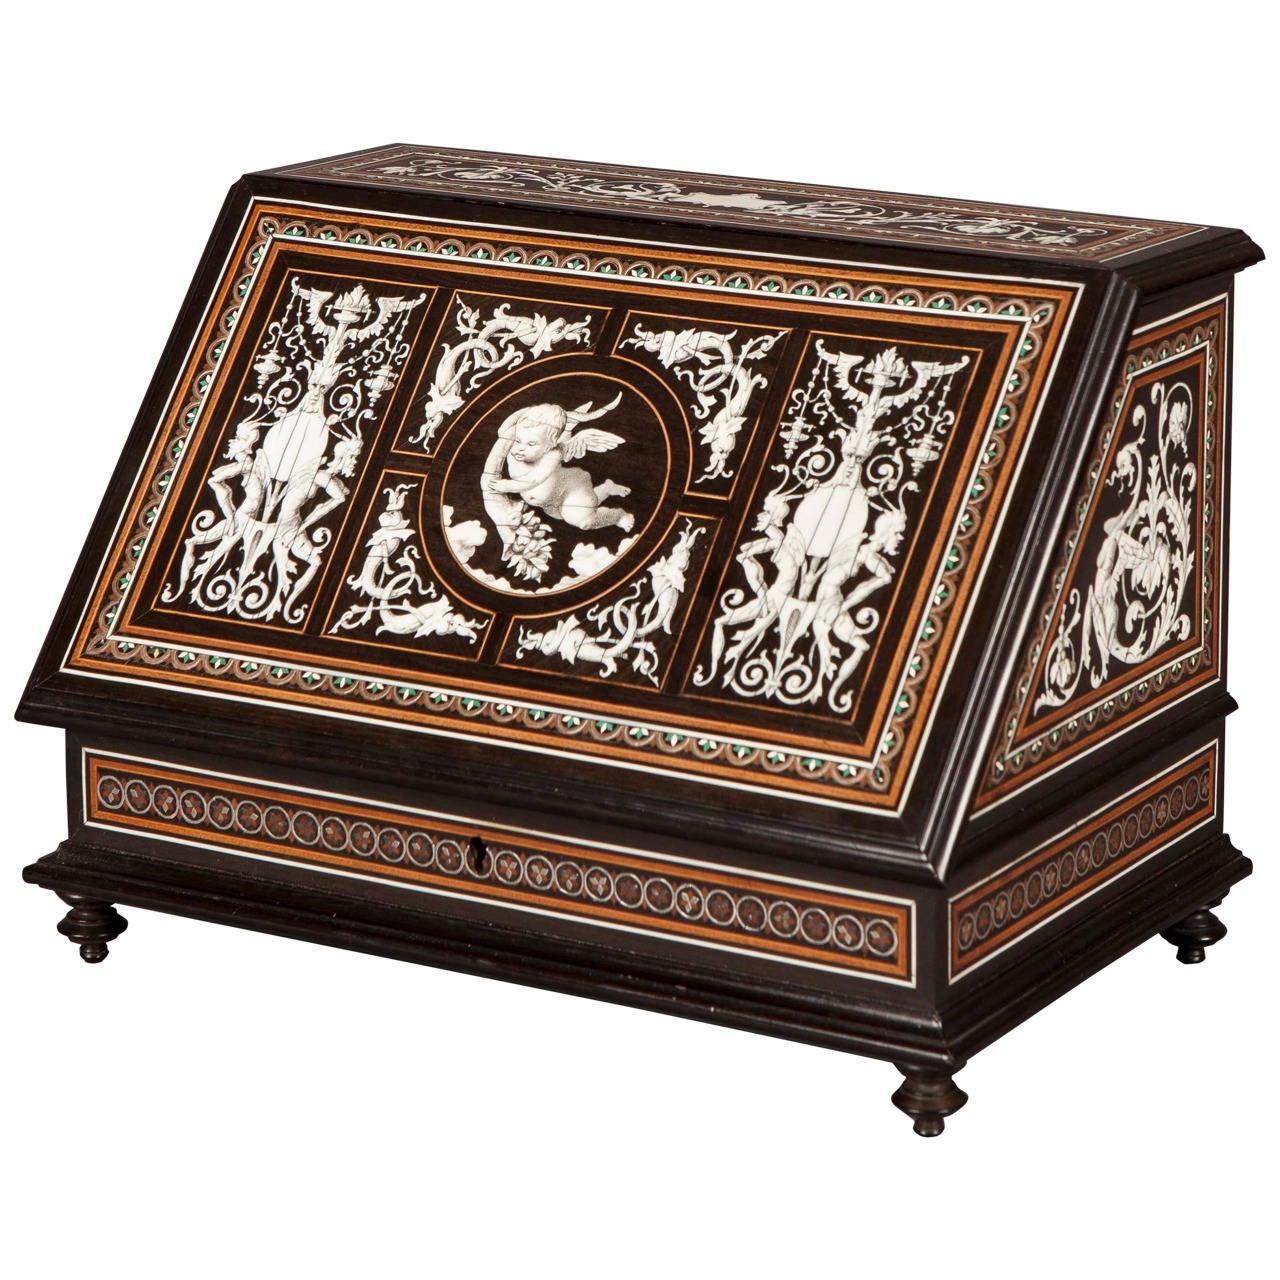 19th Century Italian Stationary Box in the Renaissance Revival Stye